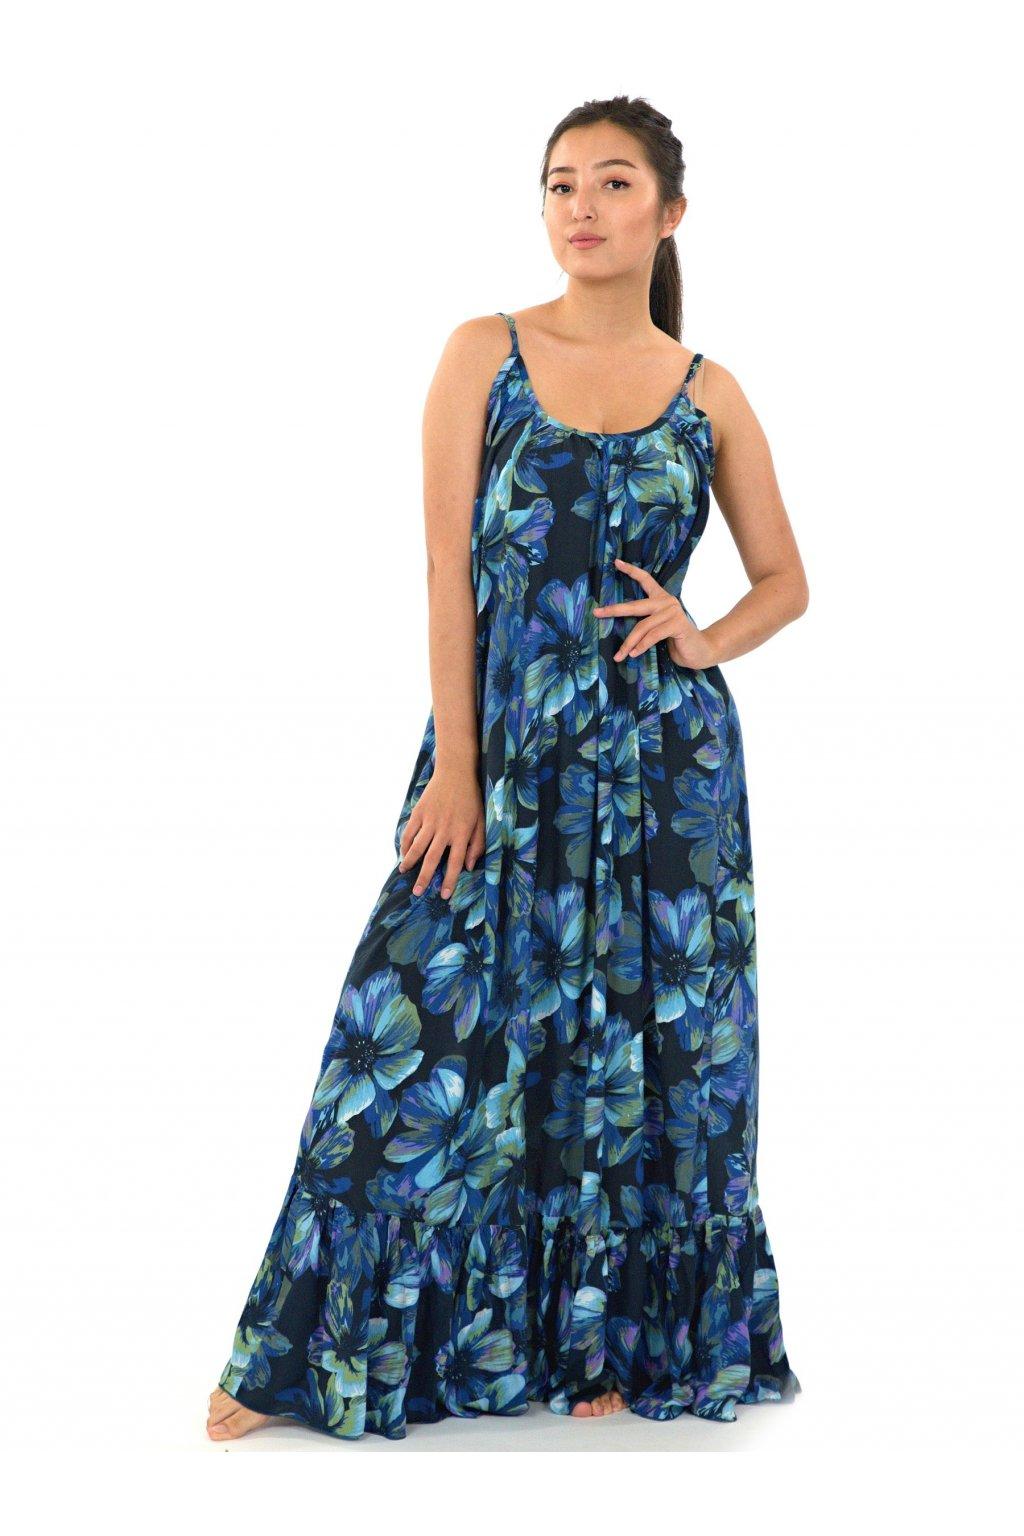 Vzdušné maxi šaty Tiaré - tyrkysová s modrou